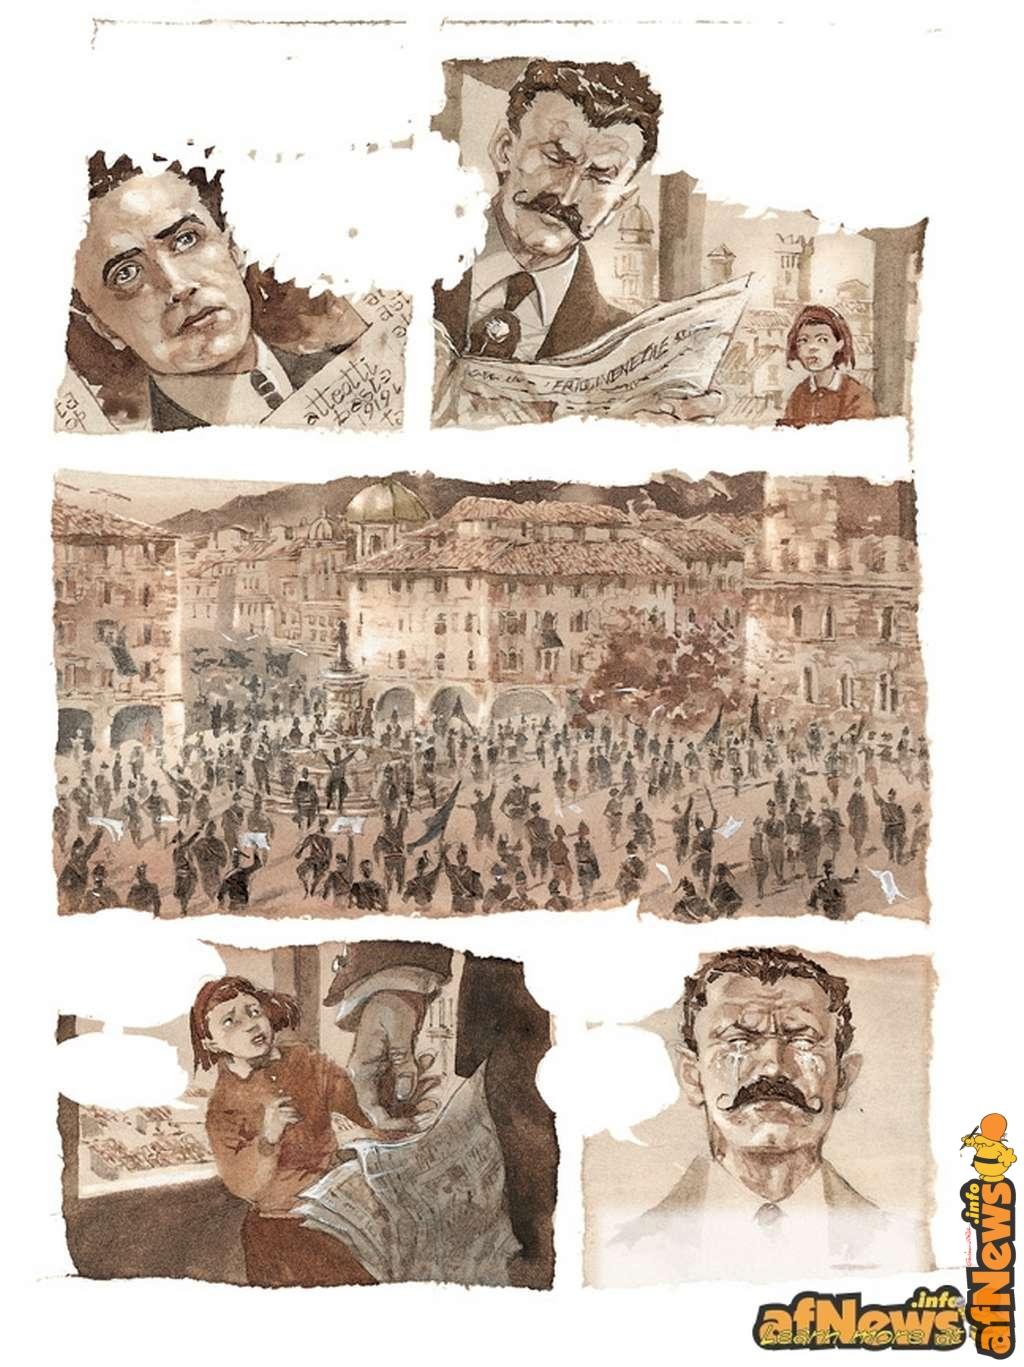 Tavola tratta dalla storia su Matteotti scritta da Gianfranco Goria e disegnata da Sergio Tisselli.